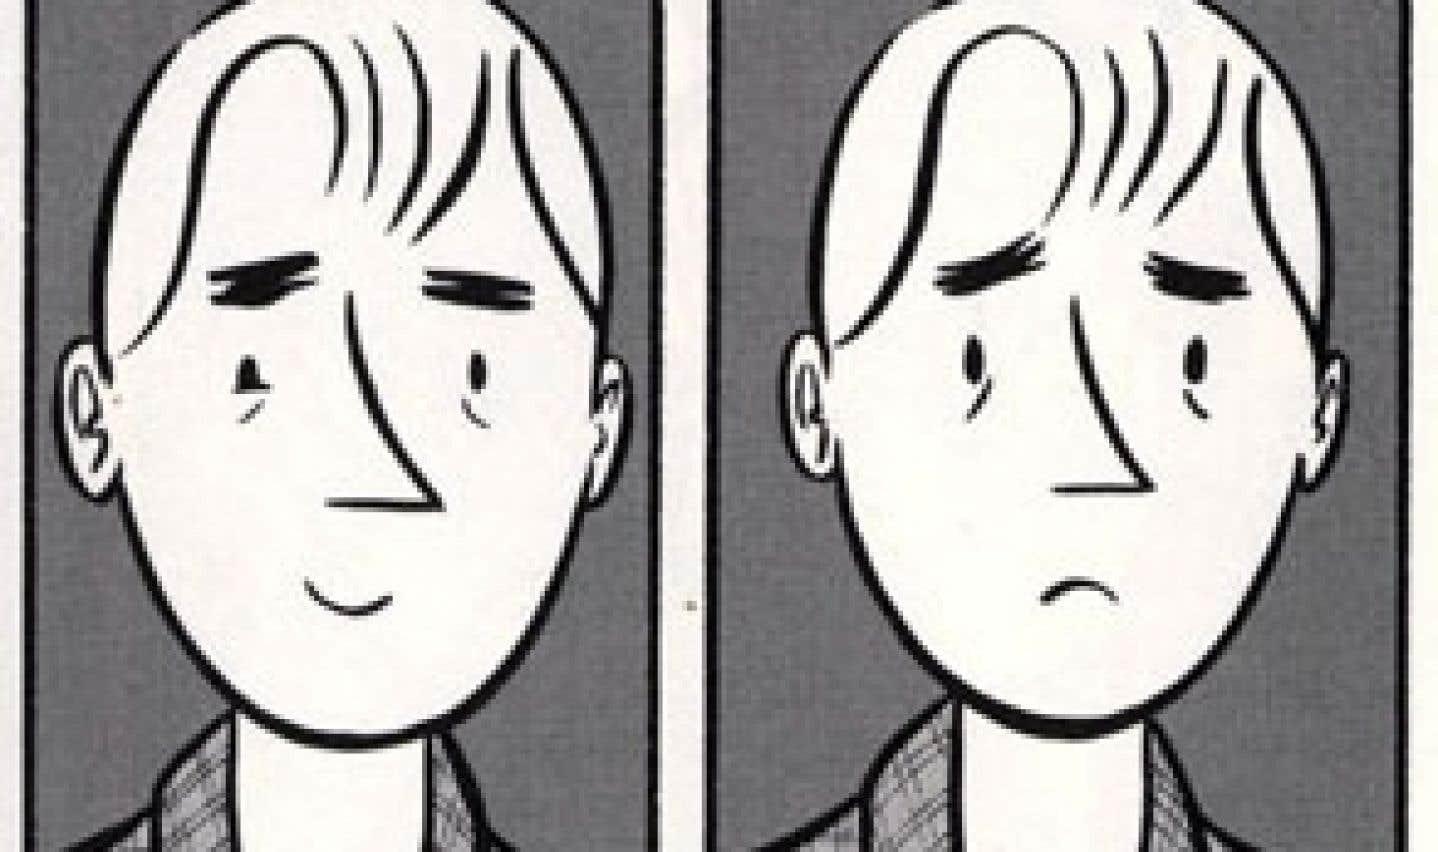 L'impossible dématérialisation de la bande dessinée